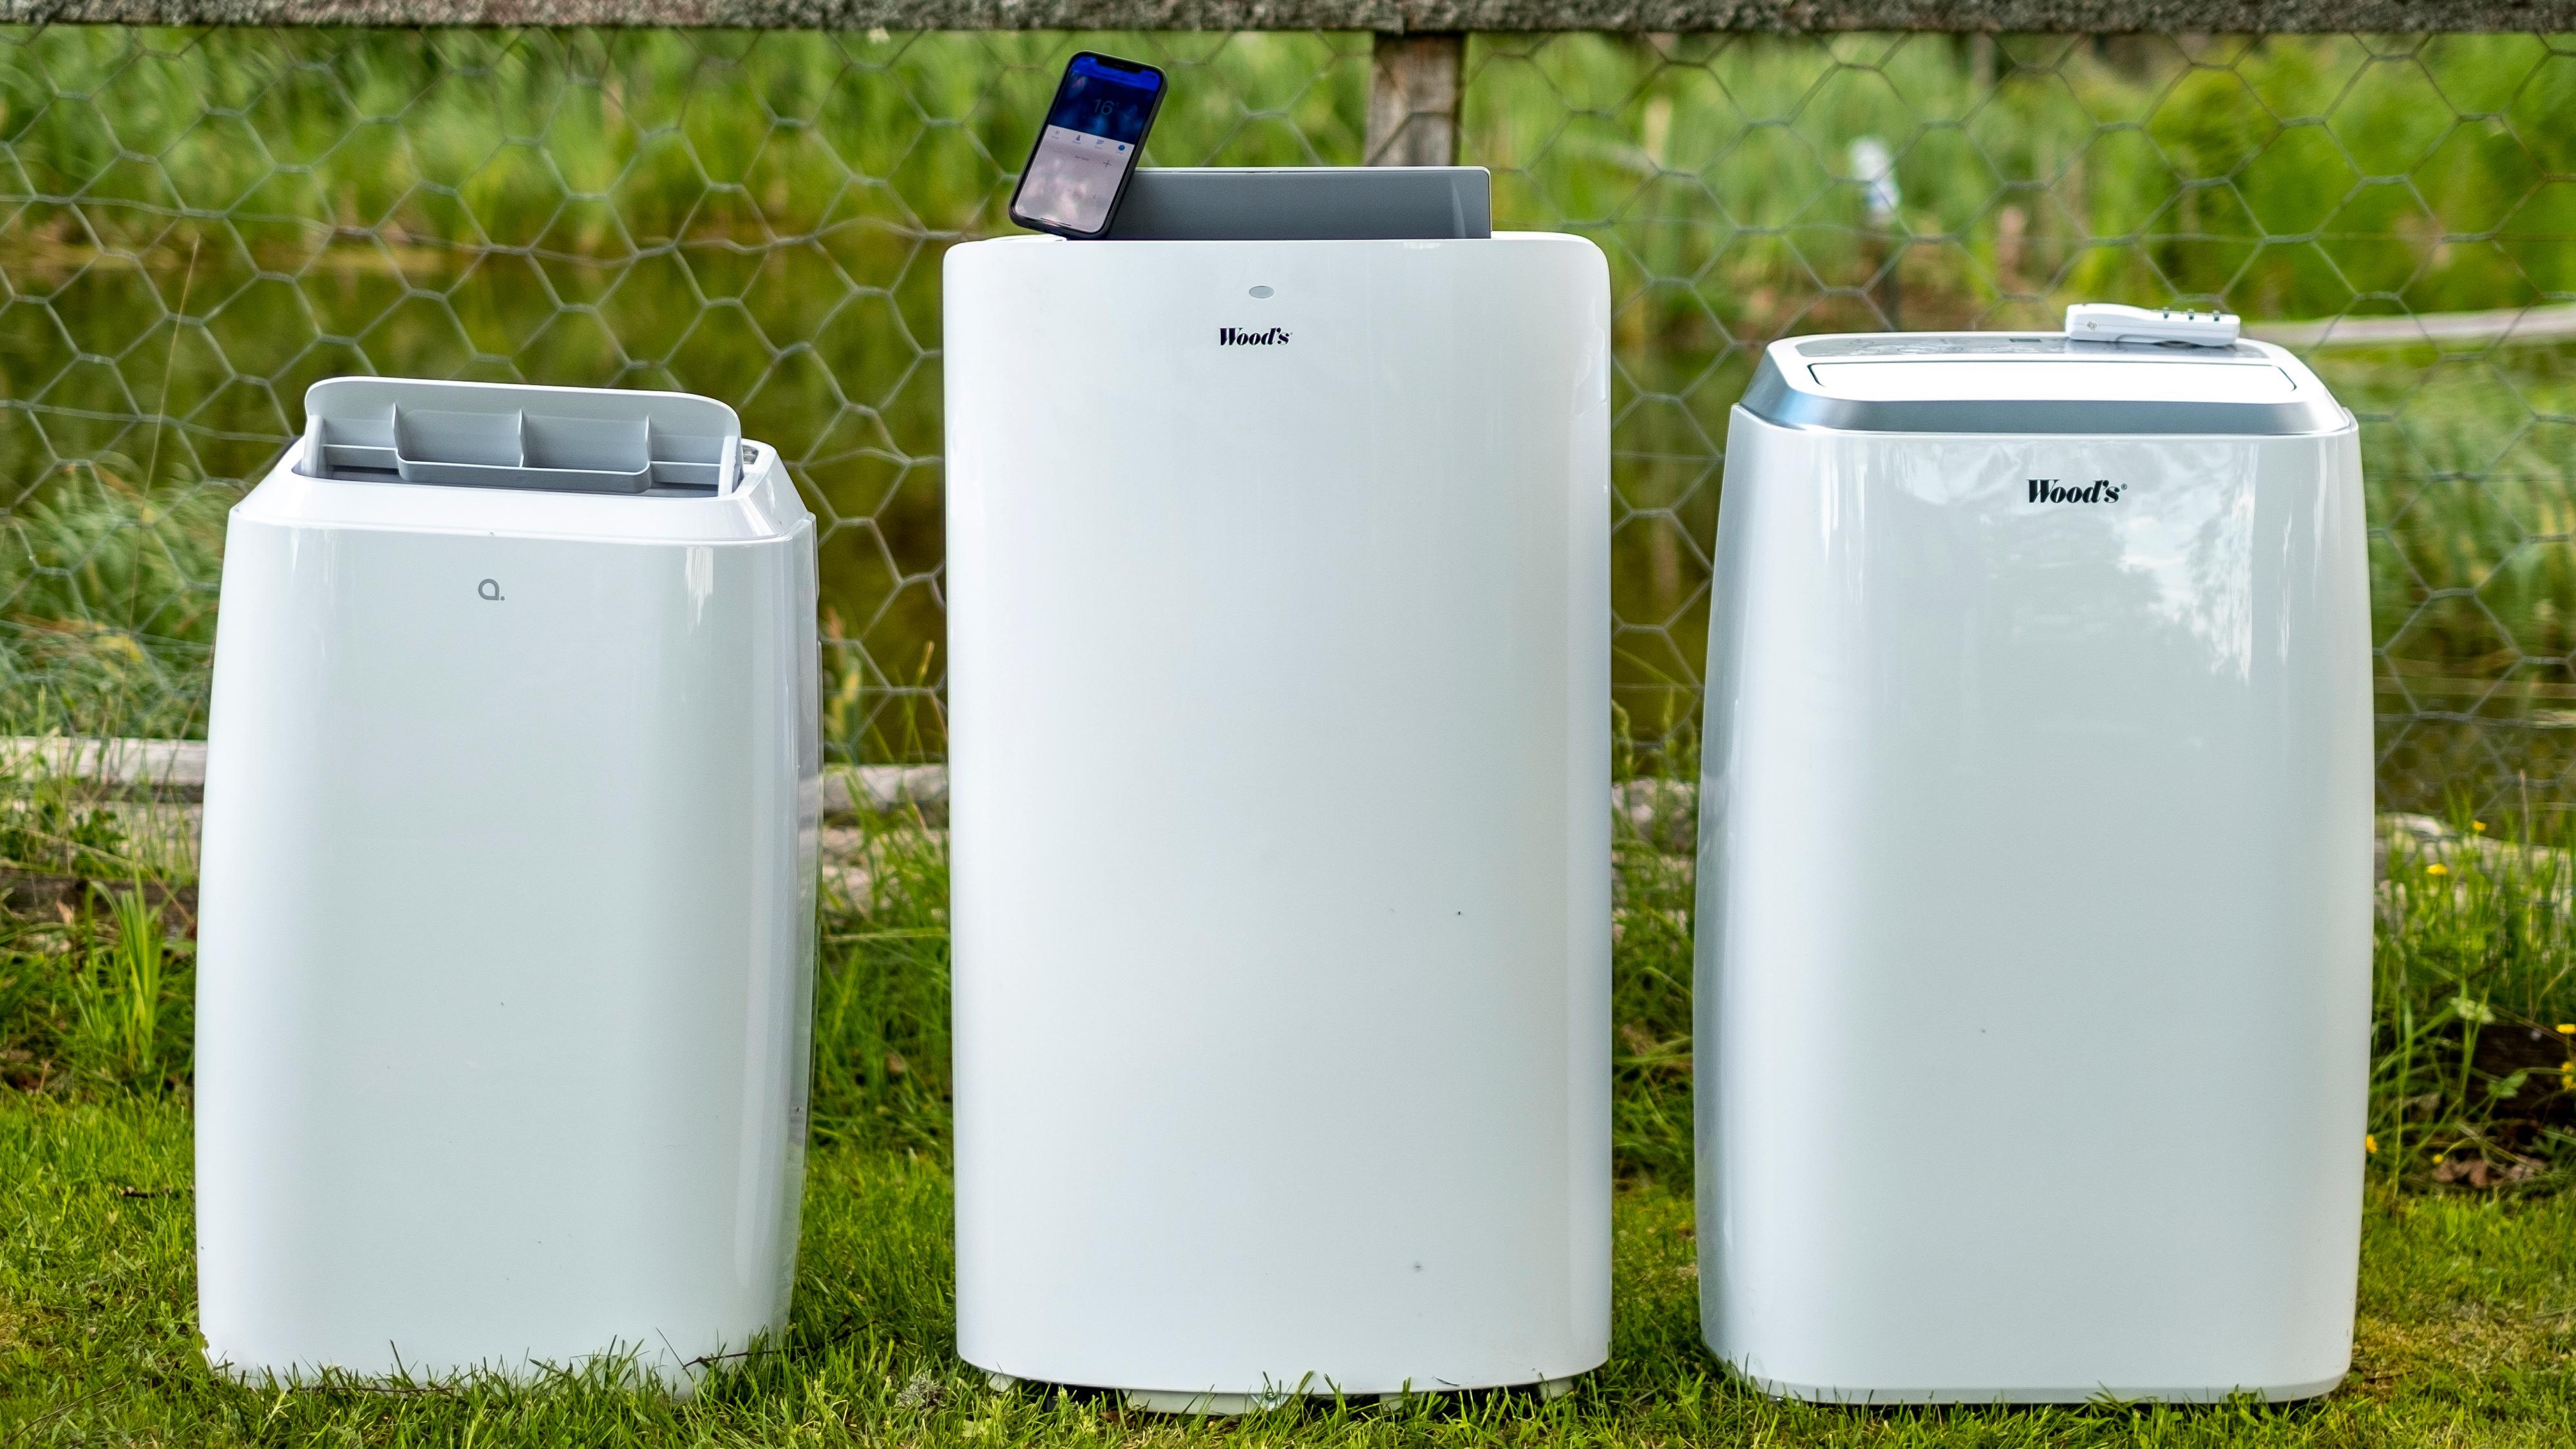 Fra venstre; Andersson ARC 3.3 WiFi, Wood's Cortina Silent Wifi og Wood's Venezia 18k. De to første er appstyrte og kan for eksempel kobles til Google, mens den siste lover å være bjørnesterk sammenliknet med flyttbare klimaanlegg flest.